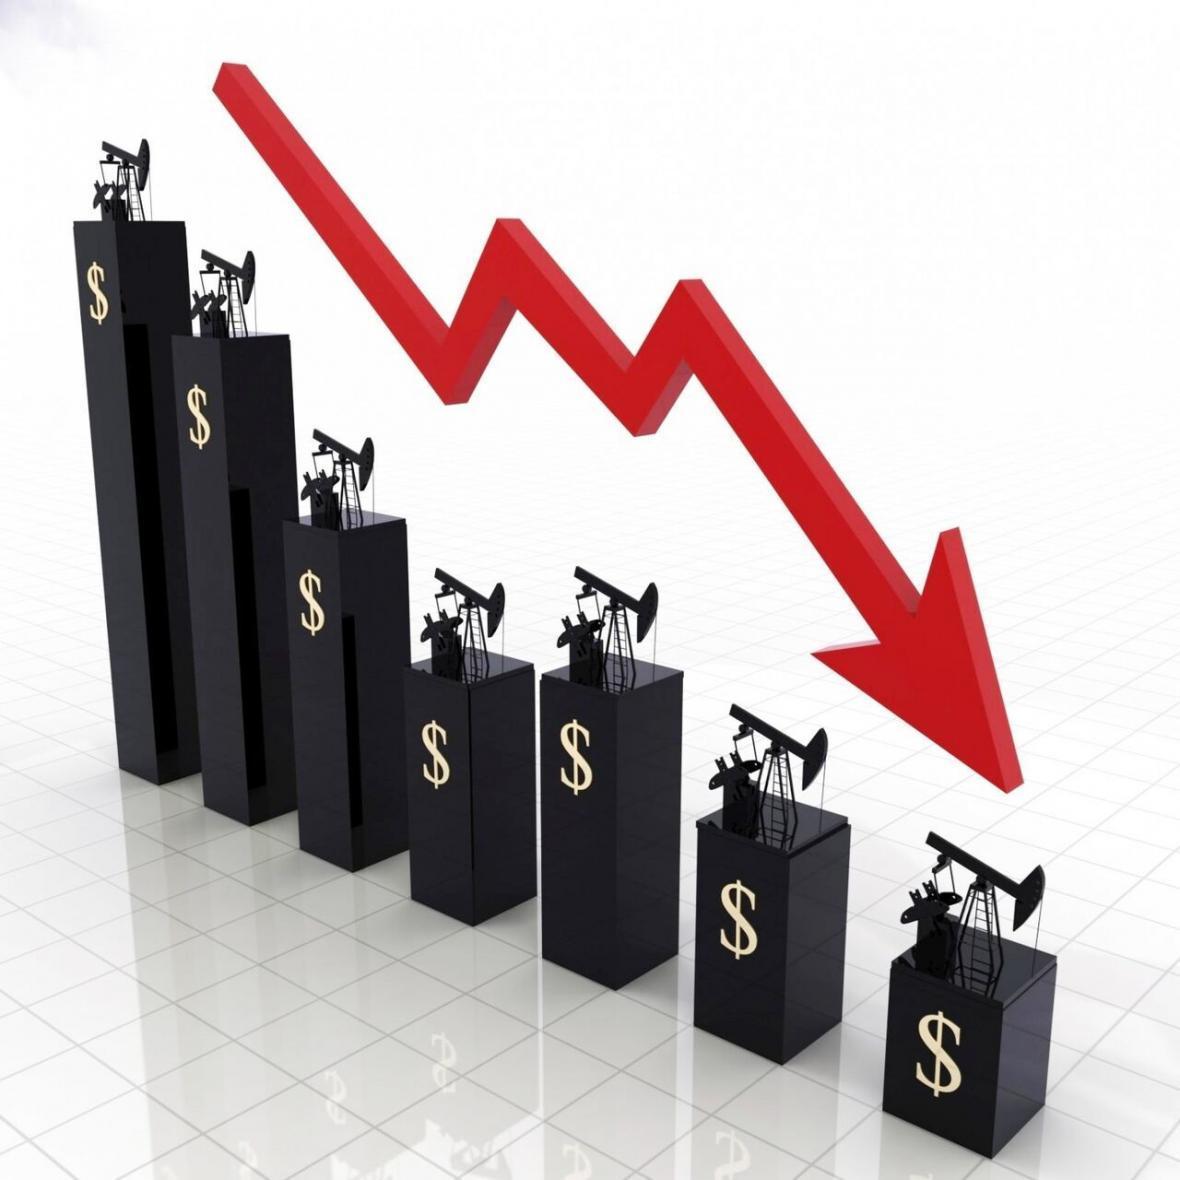 سقوط آزاد بی سابقه قیمت جهانی نفت خام در سی سال اخیر